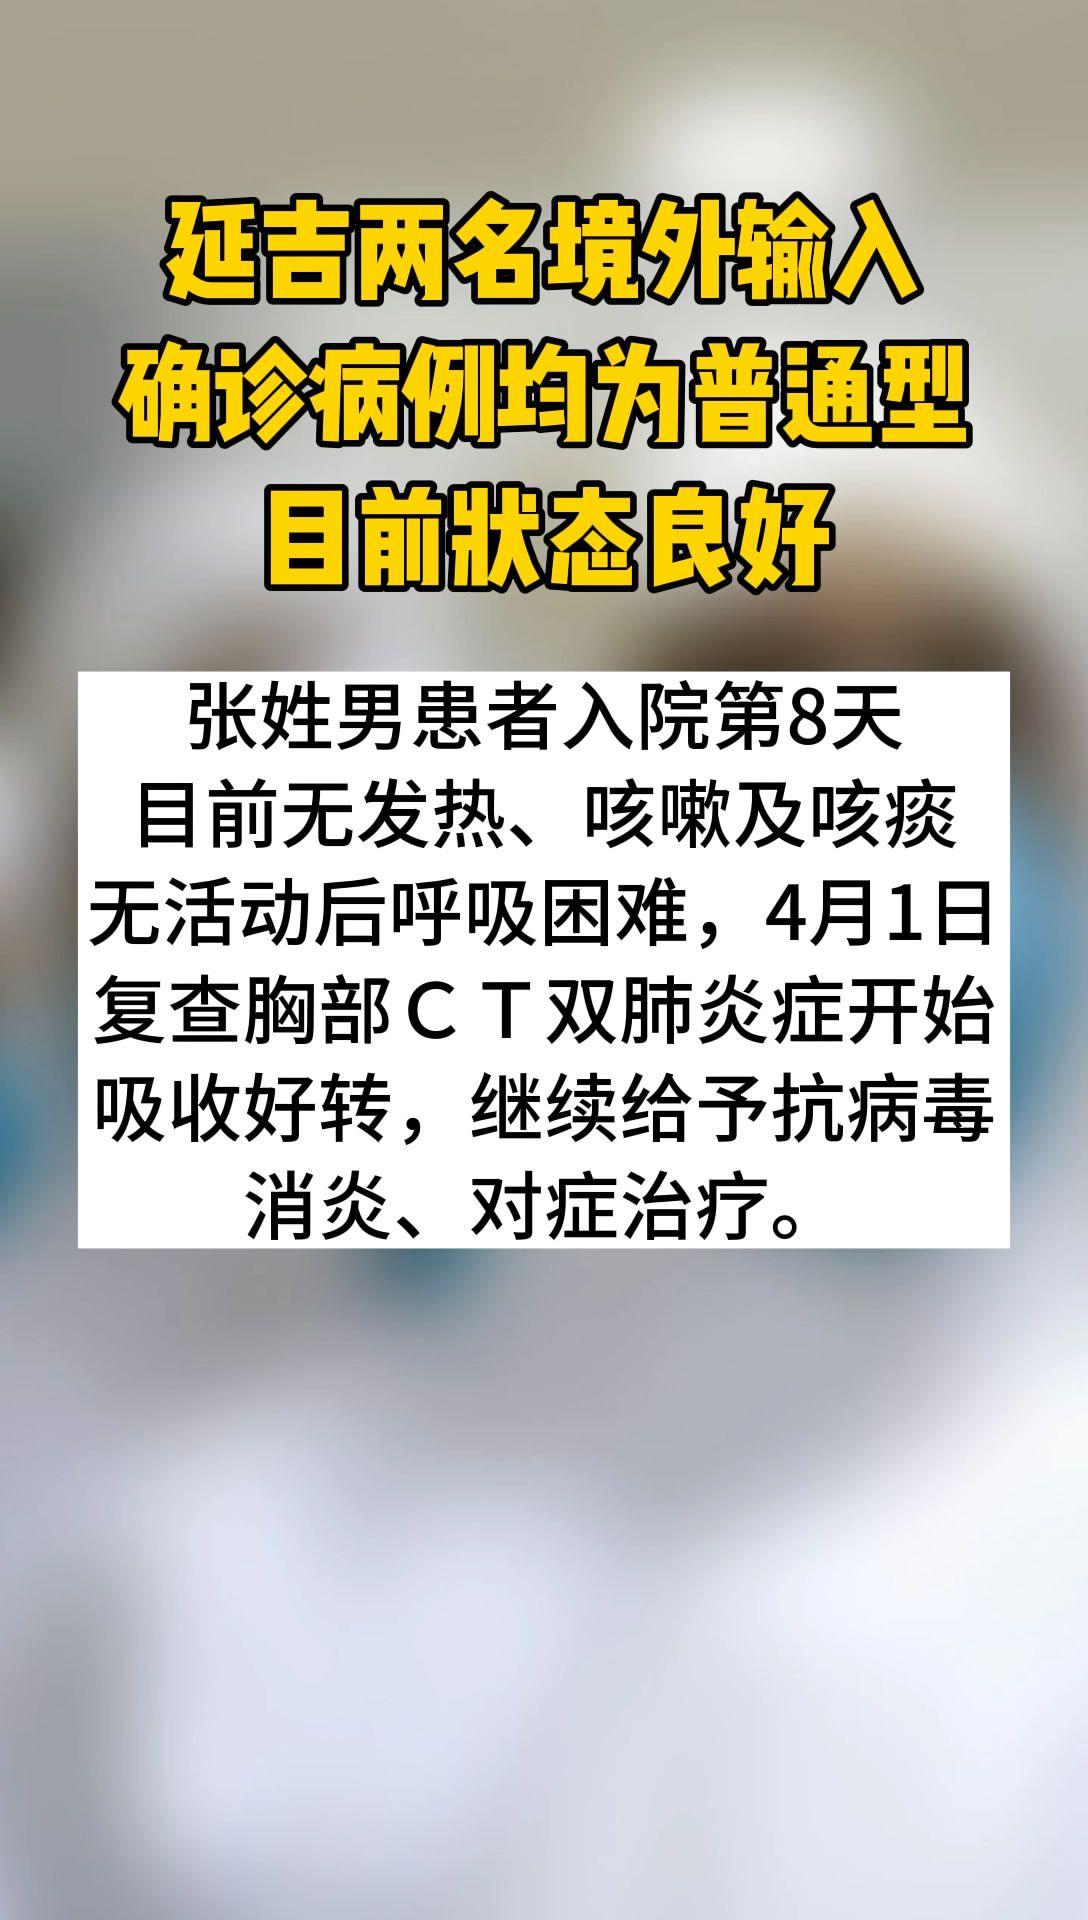 【微视频】延吉两名境外输入确诊病例均为普通型 目前状态良好